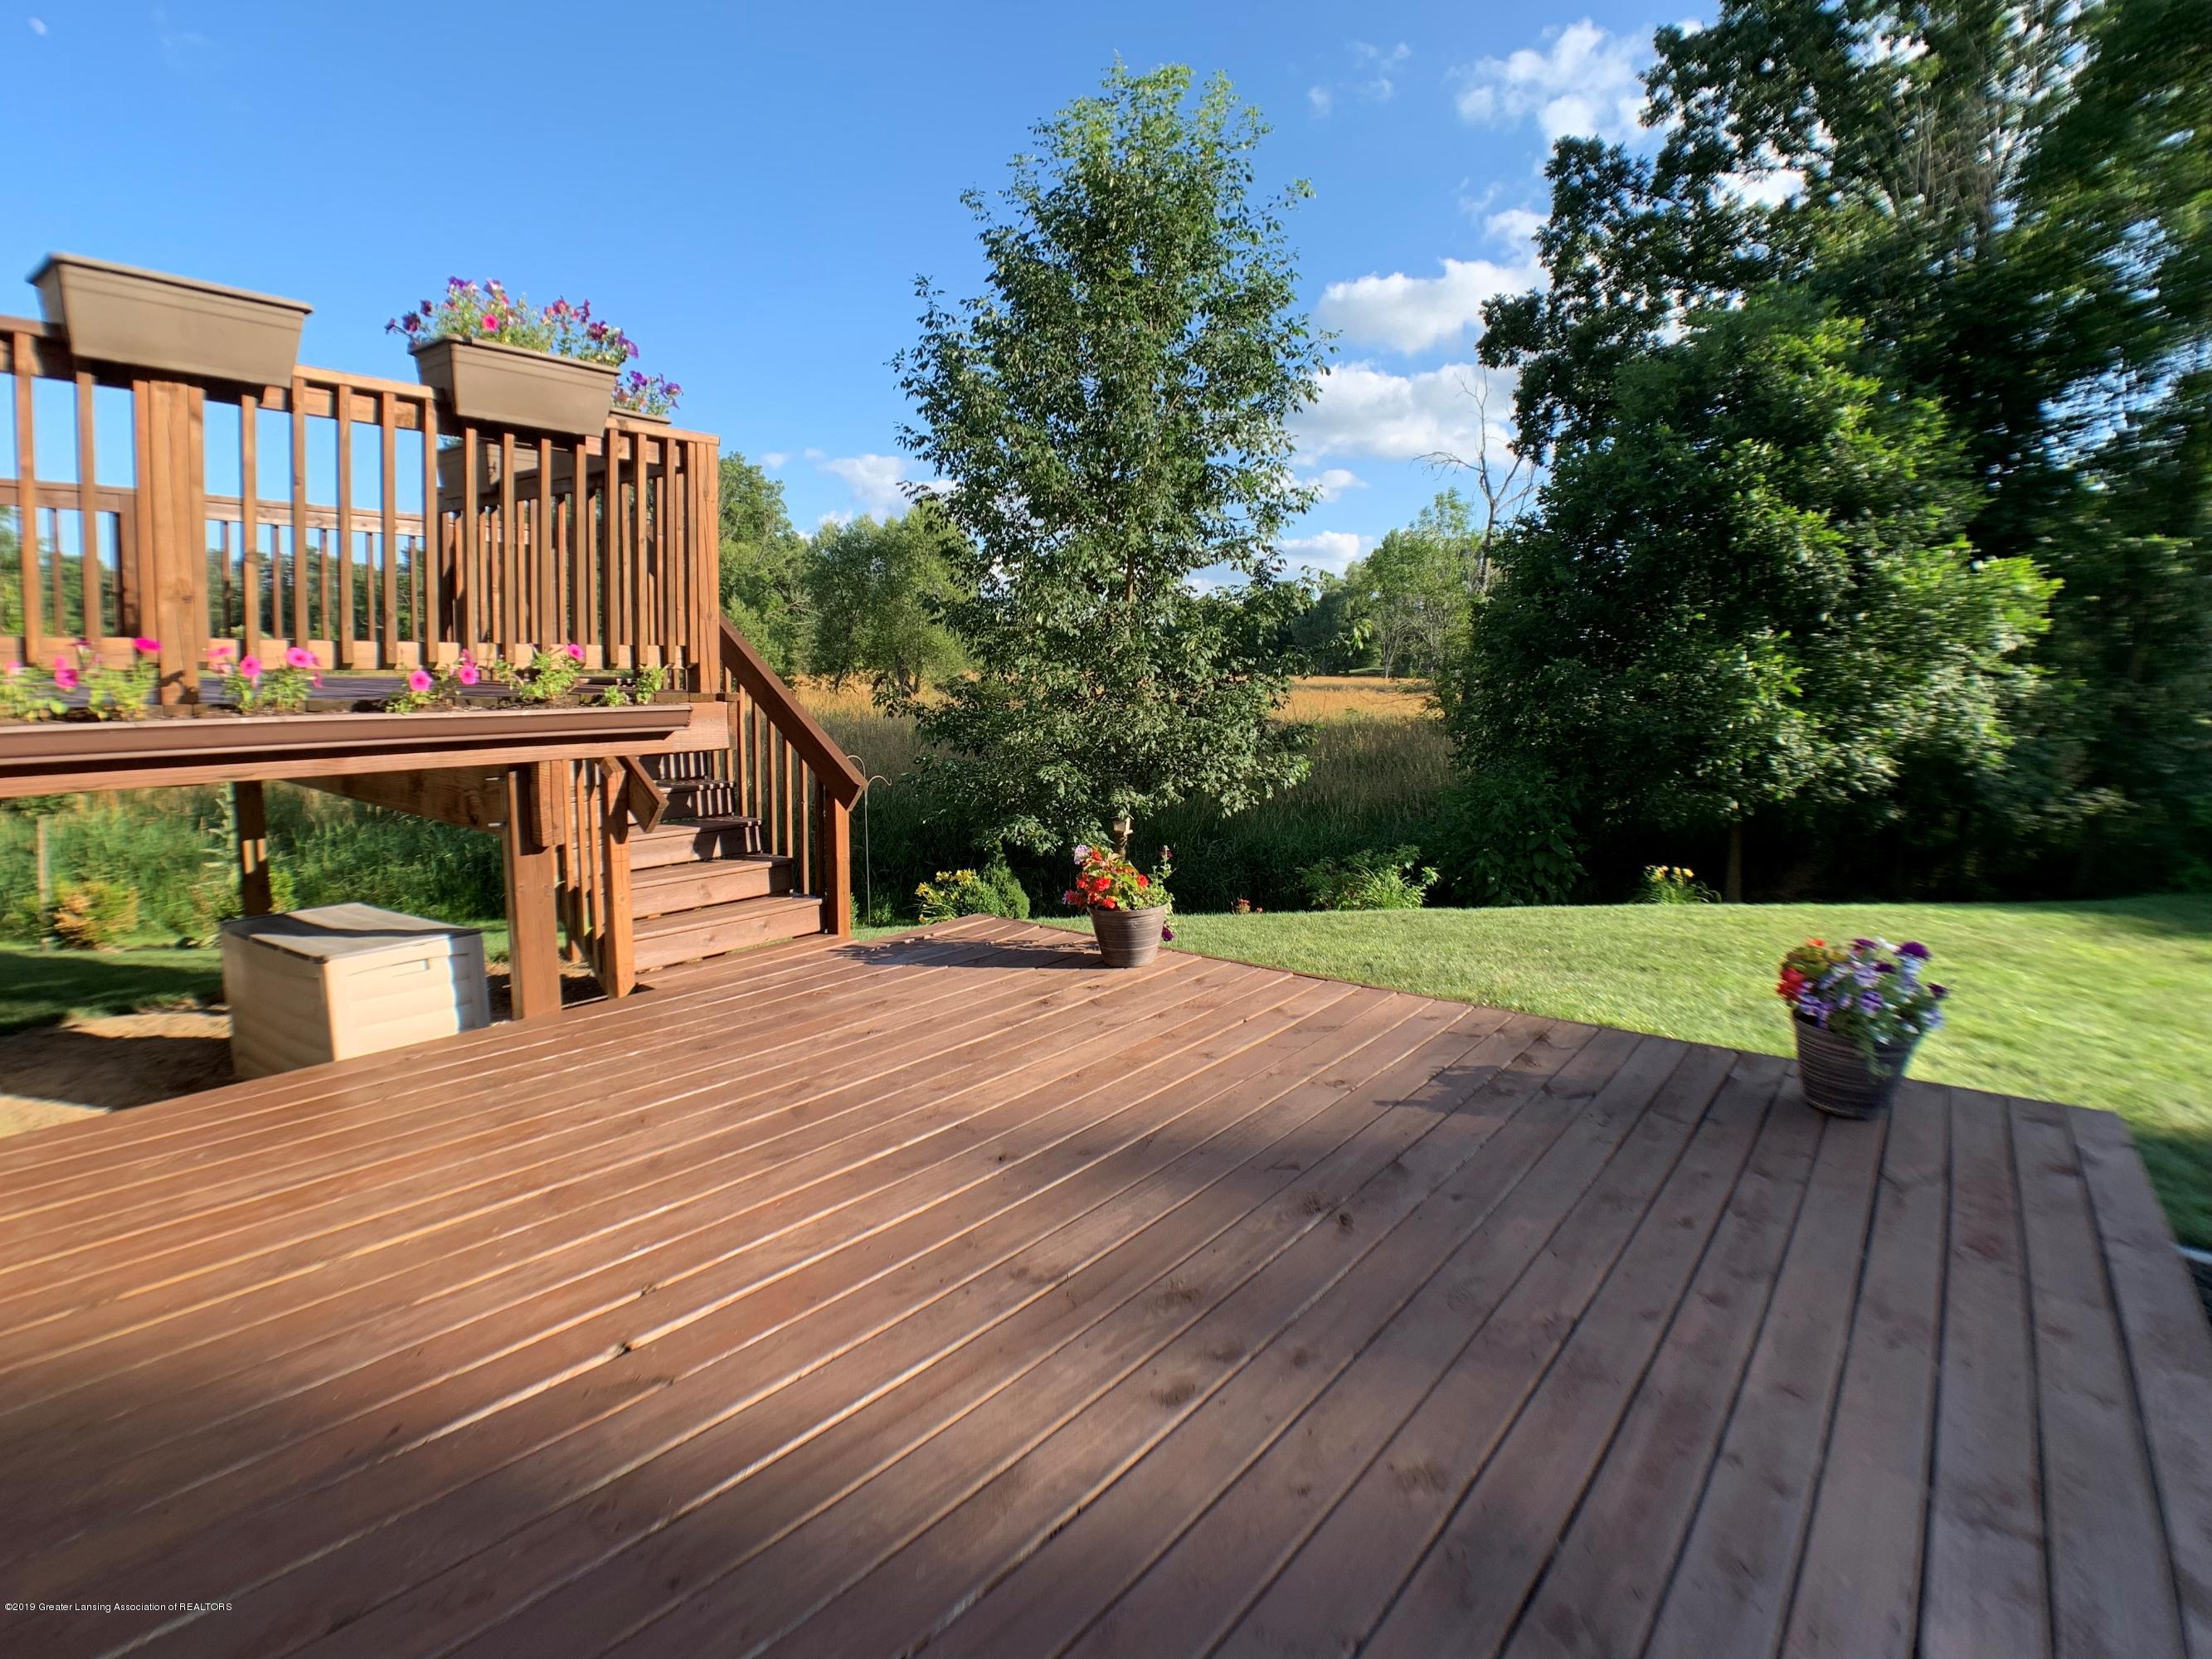 1405 Moose Dr - Backyard View - 32